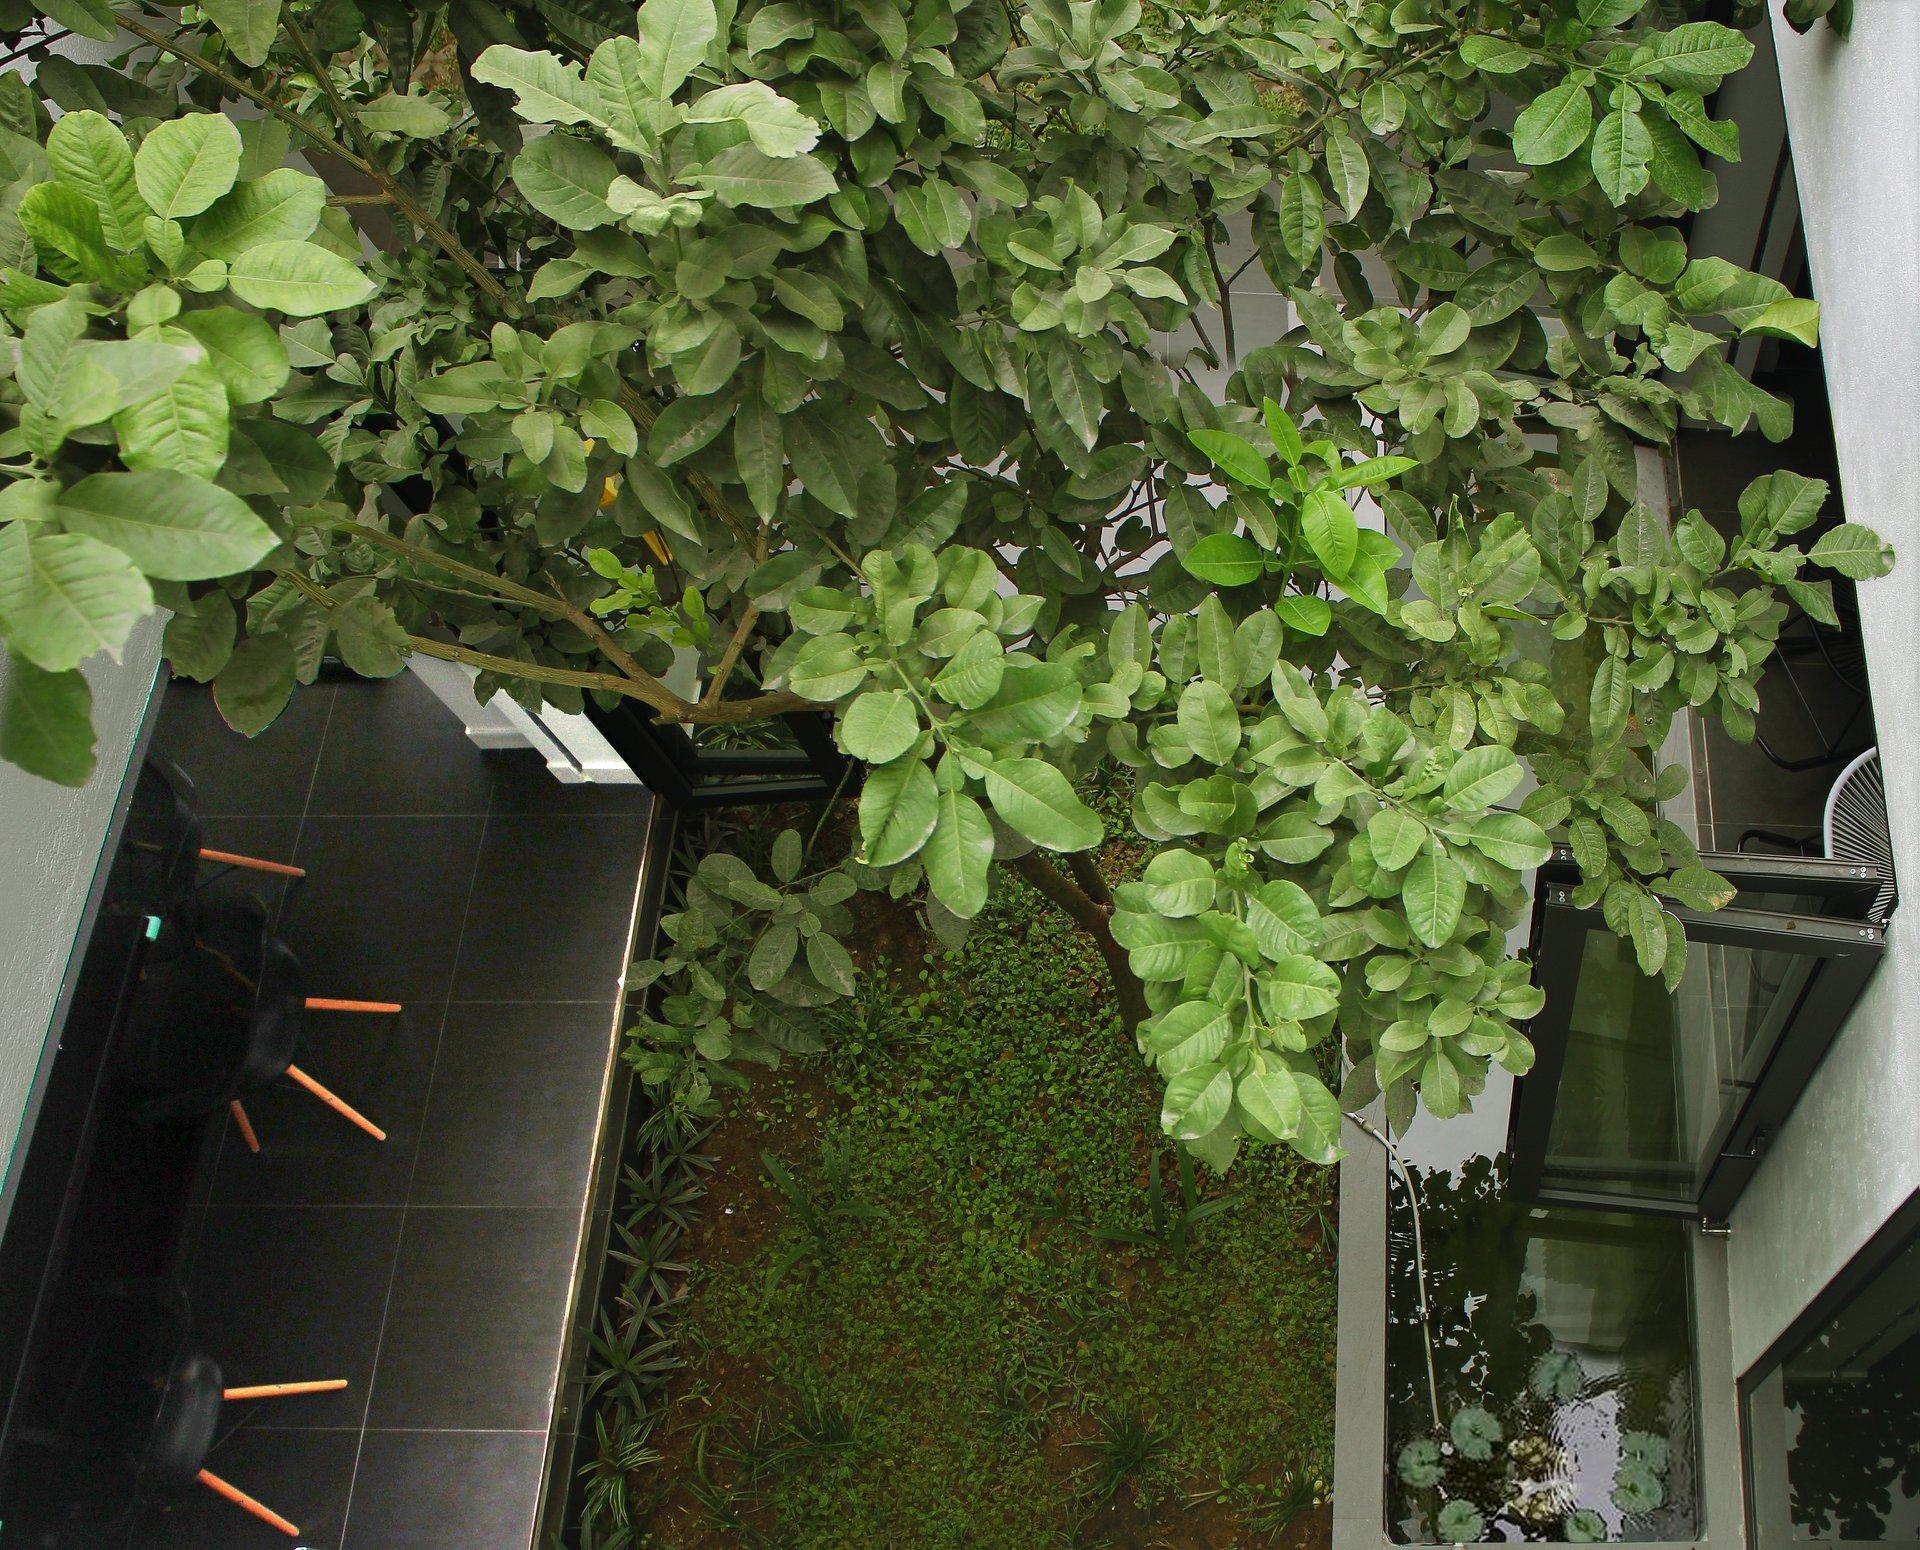 Ngẩn ngơ trước khu vườn bí mật trong ngôi nhà màu trắng ở Hải Phòng